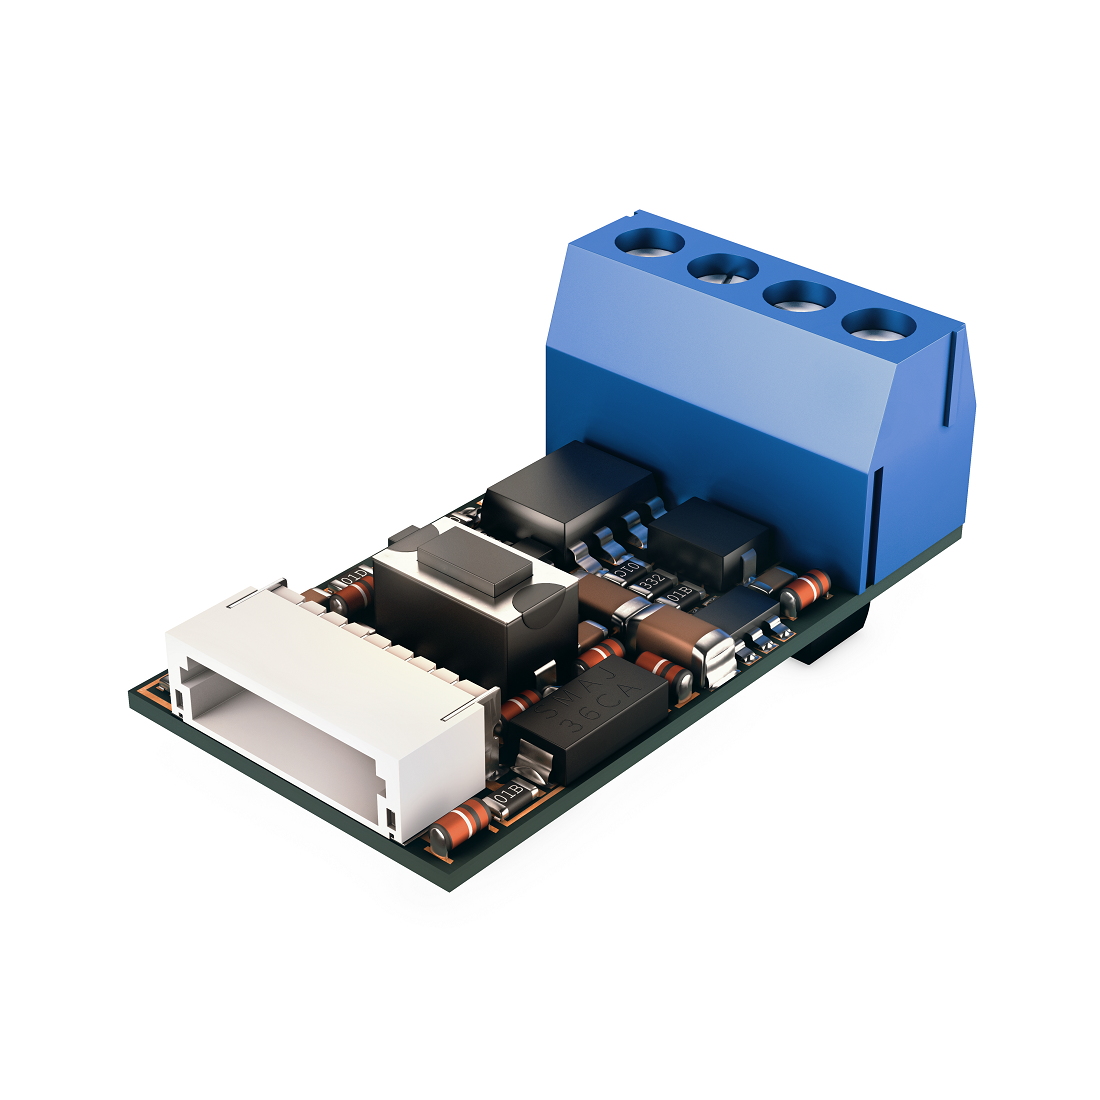 Fibaro FGBS-001 Universal Binary Sensor